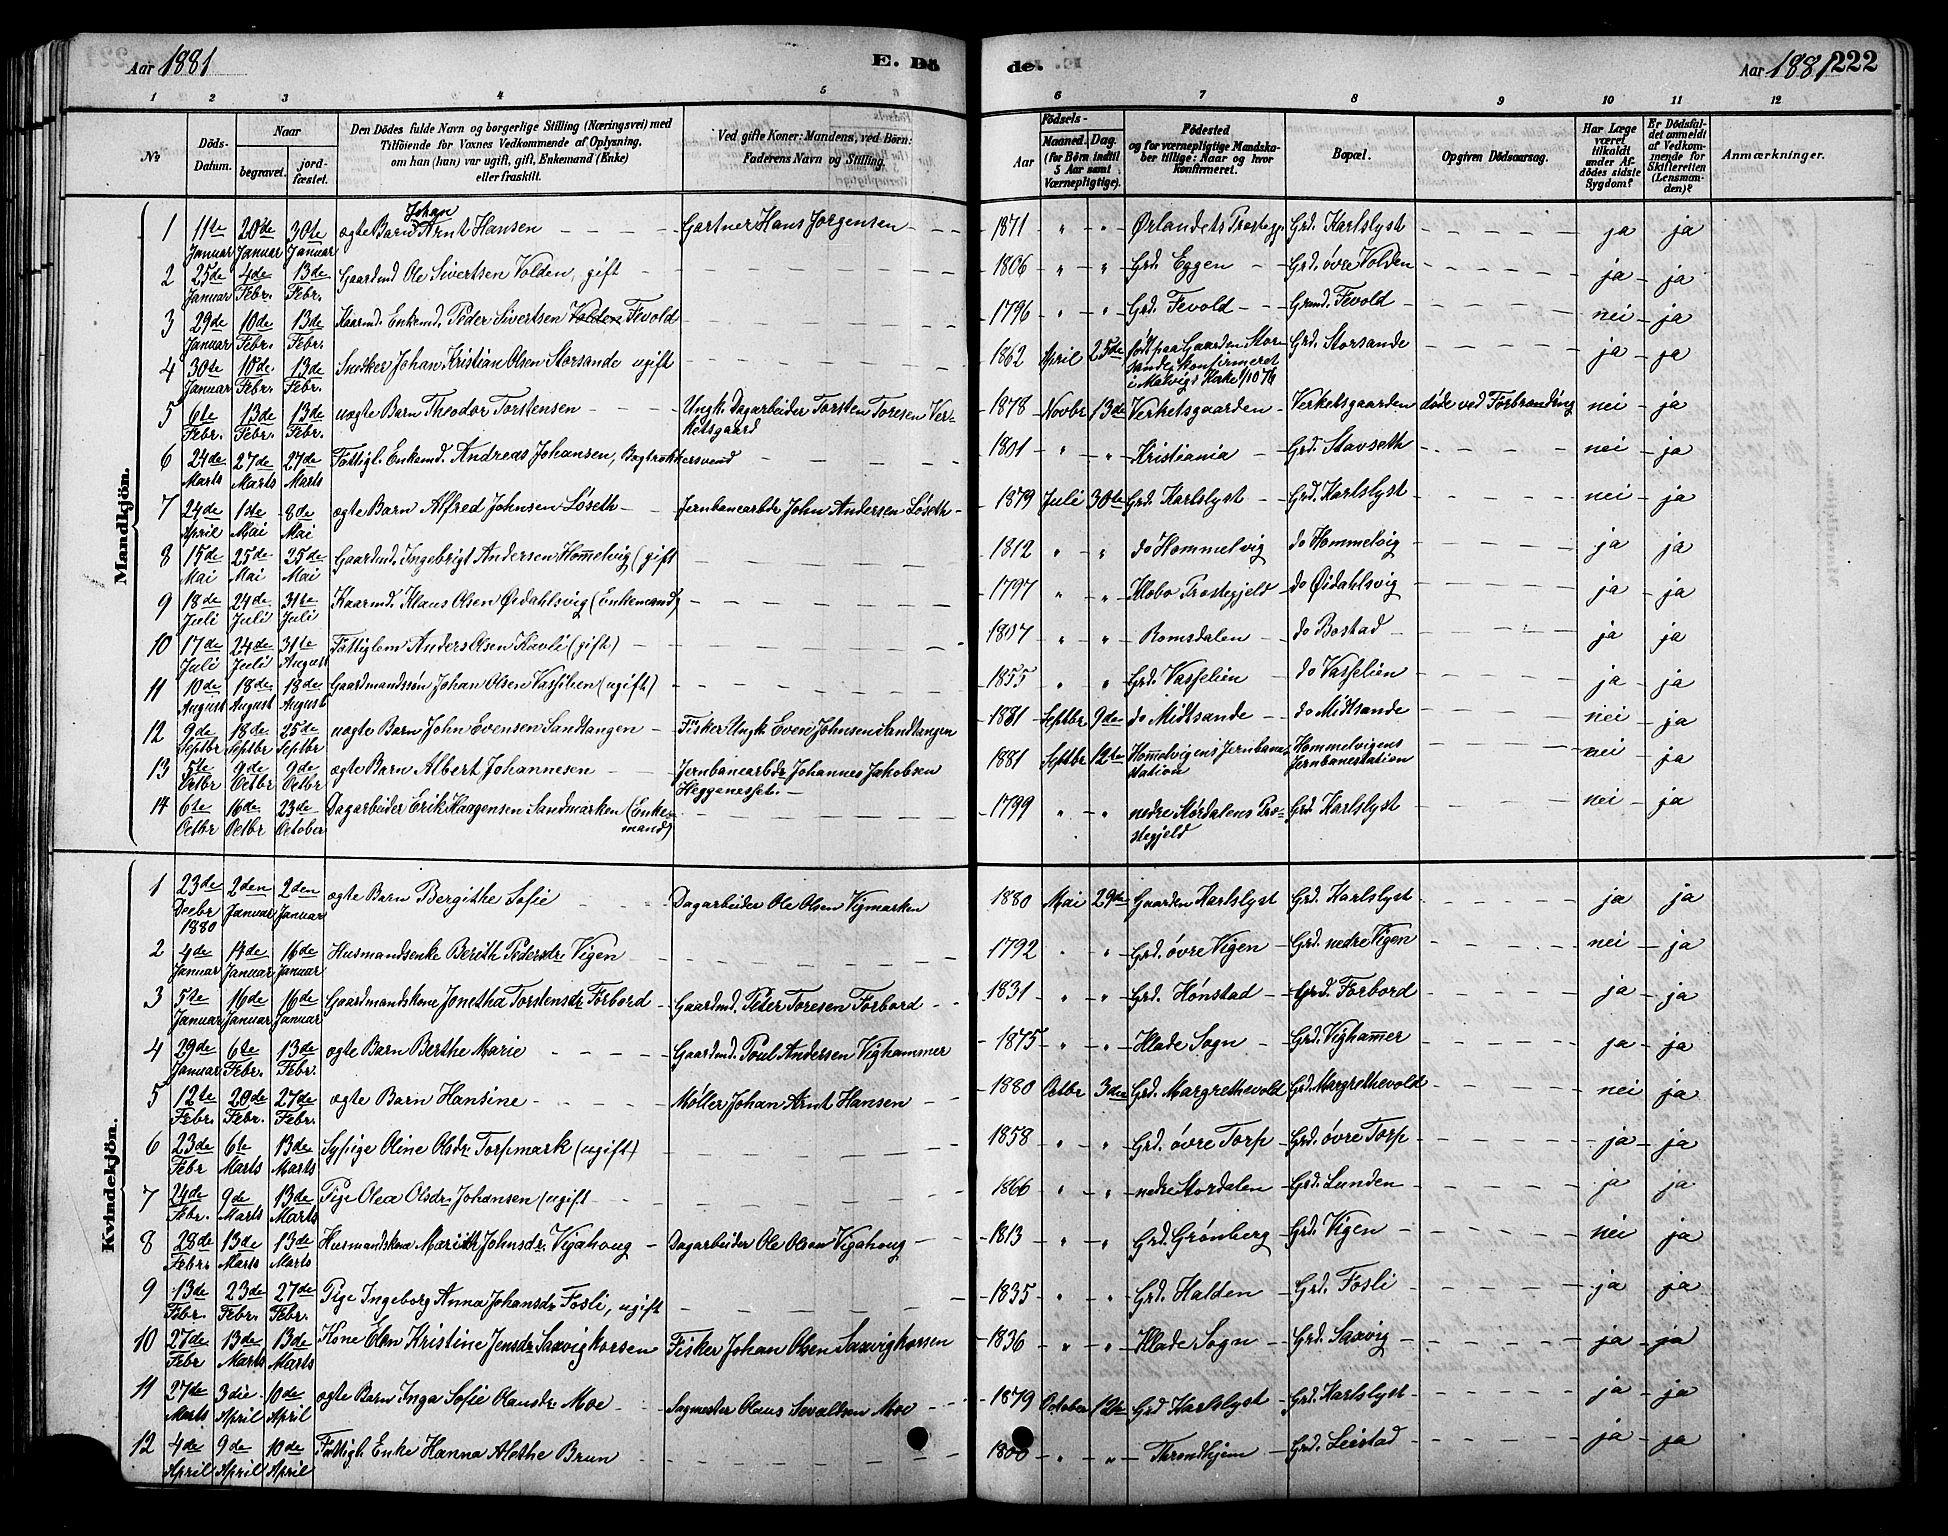 SAT, Ministerialprotokoller, klokkerbøker og fødselsregistre - Sør-Trøndelag, 616/L0423: Klokkerbok nr. 616C06, 1878-1903, s. 222